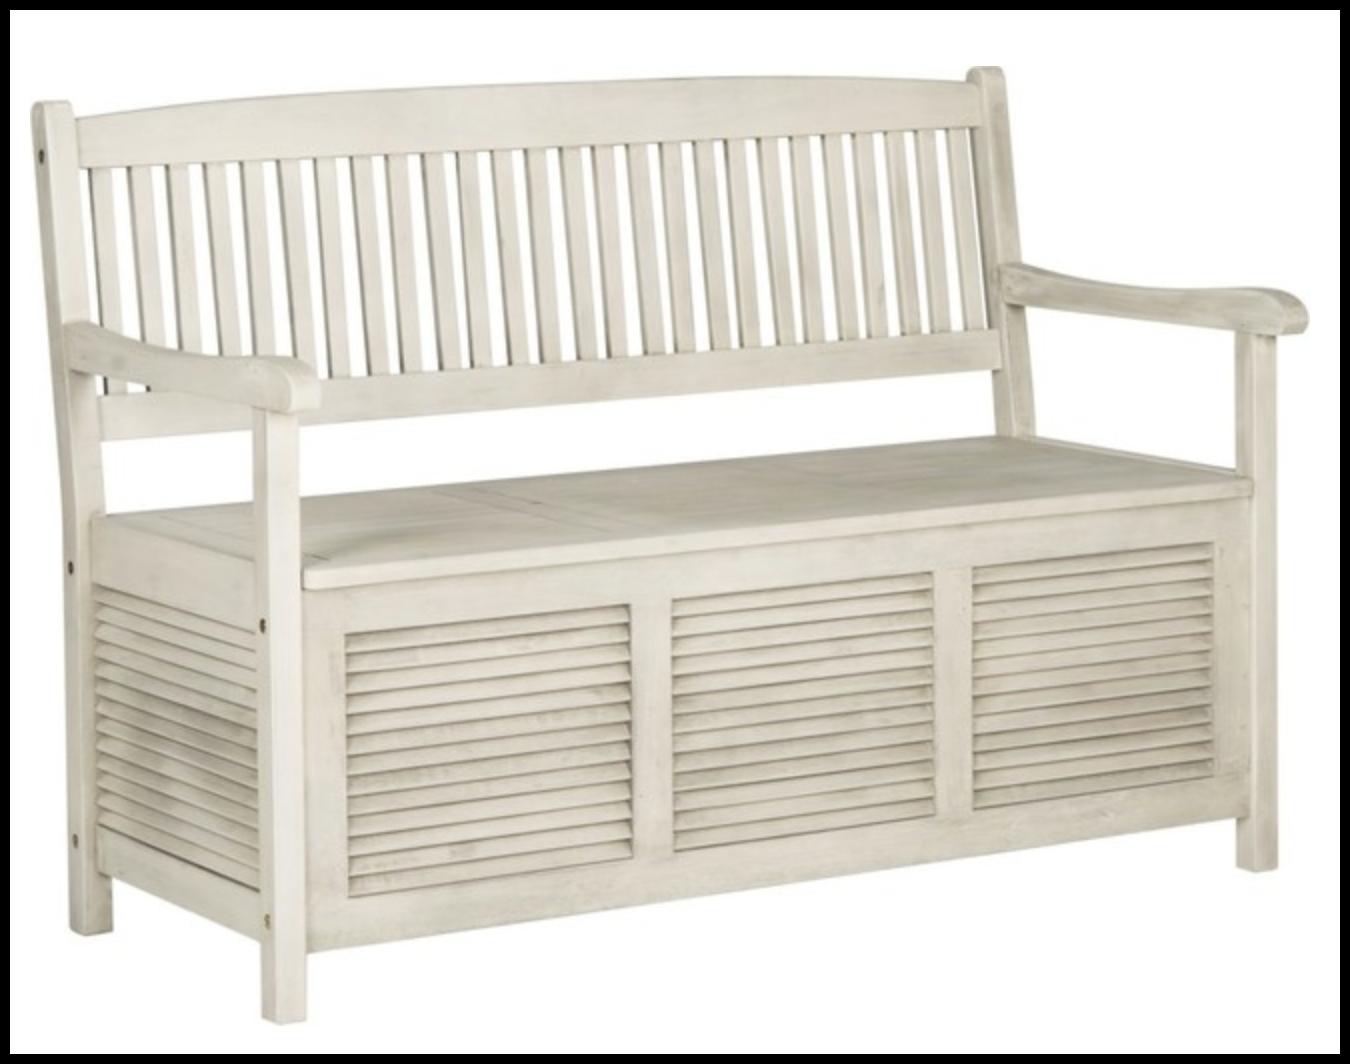 brisbane-outdoor-storage-bench